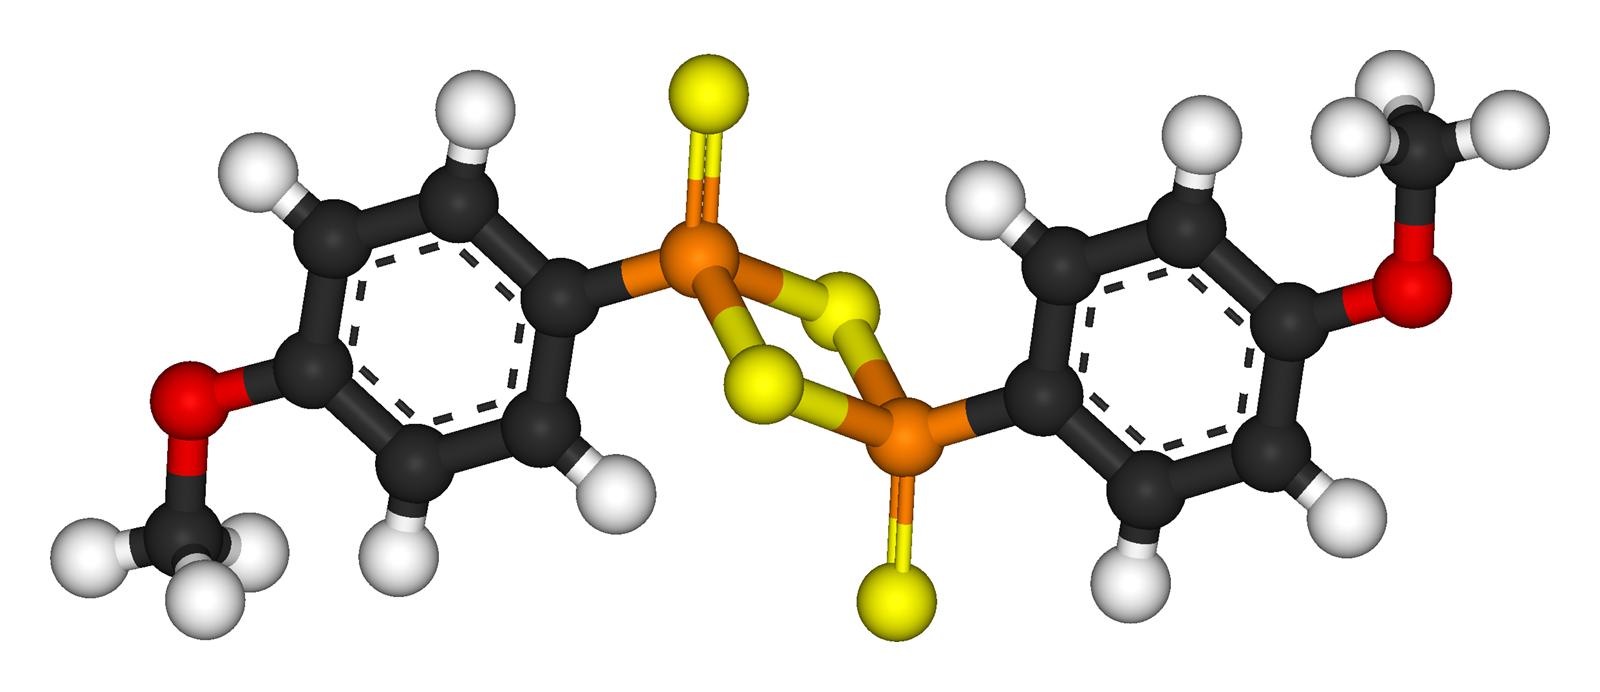 reagente di Lawesson-chimicamo